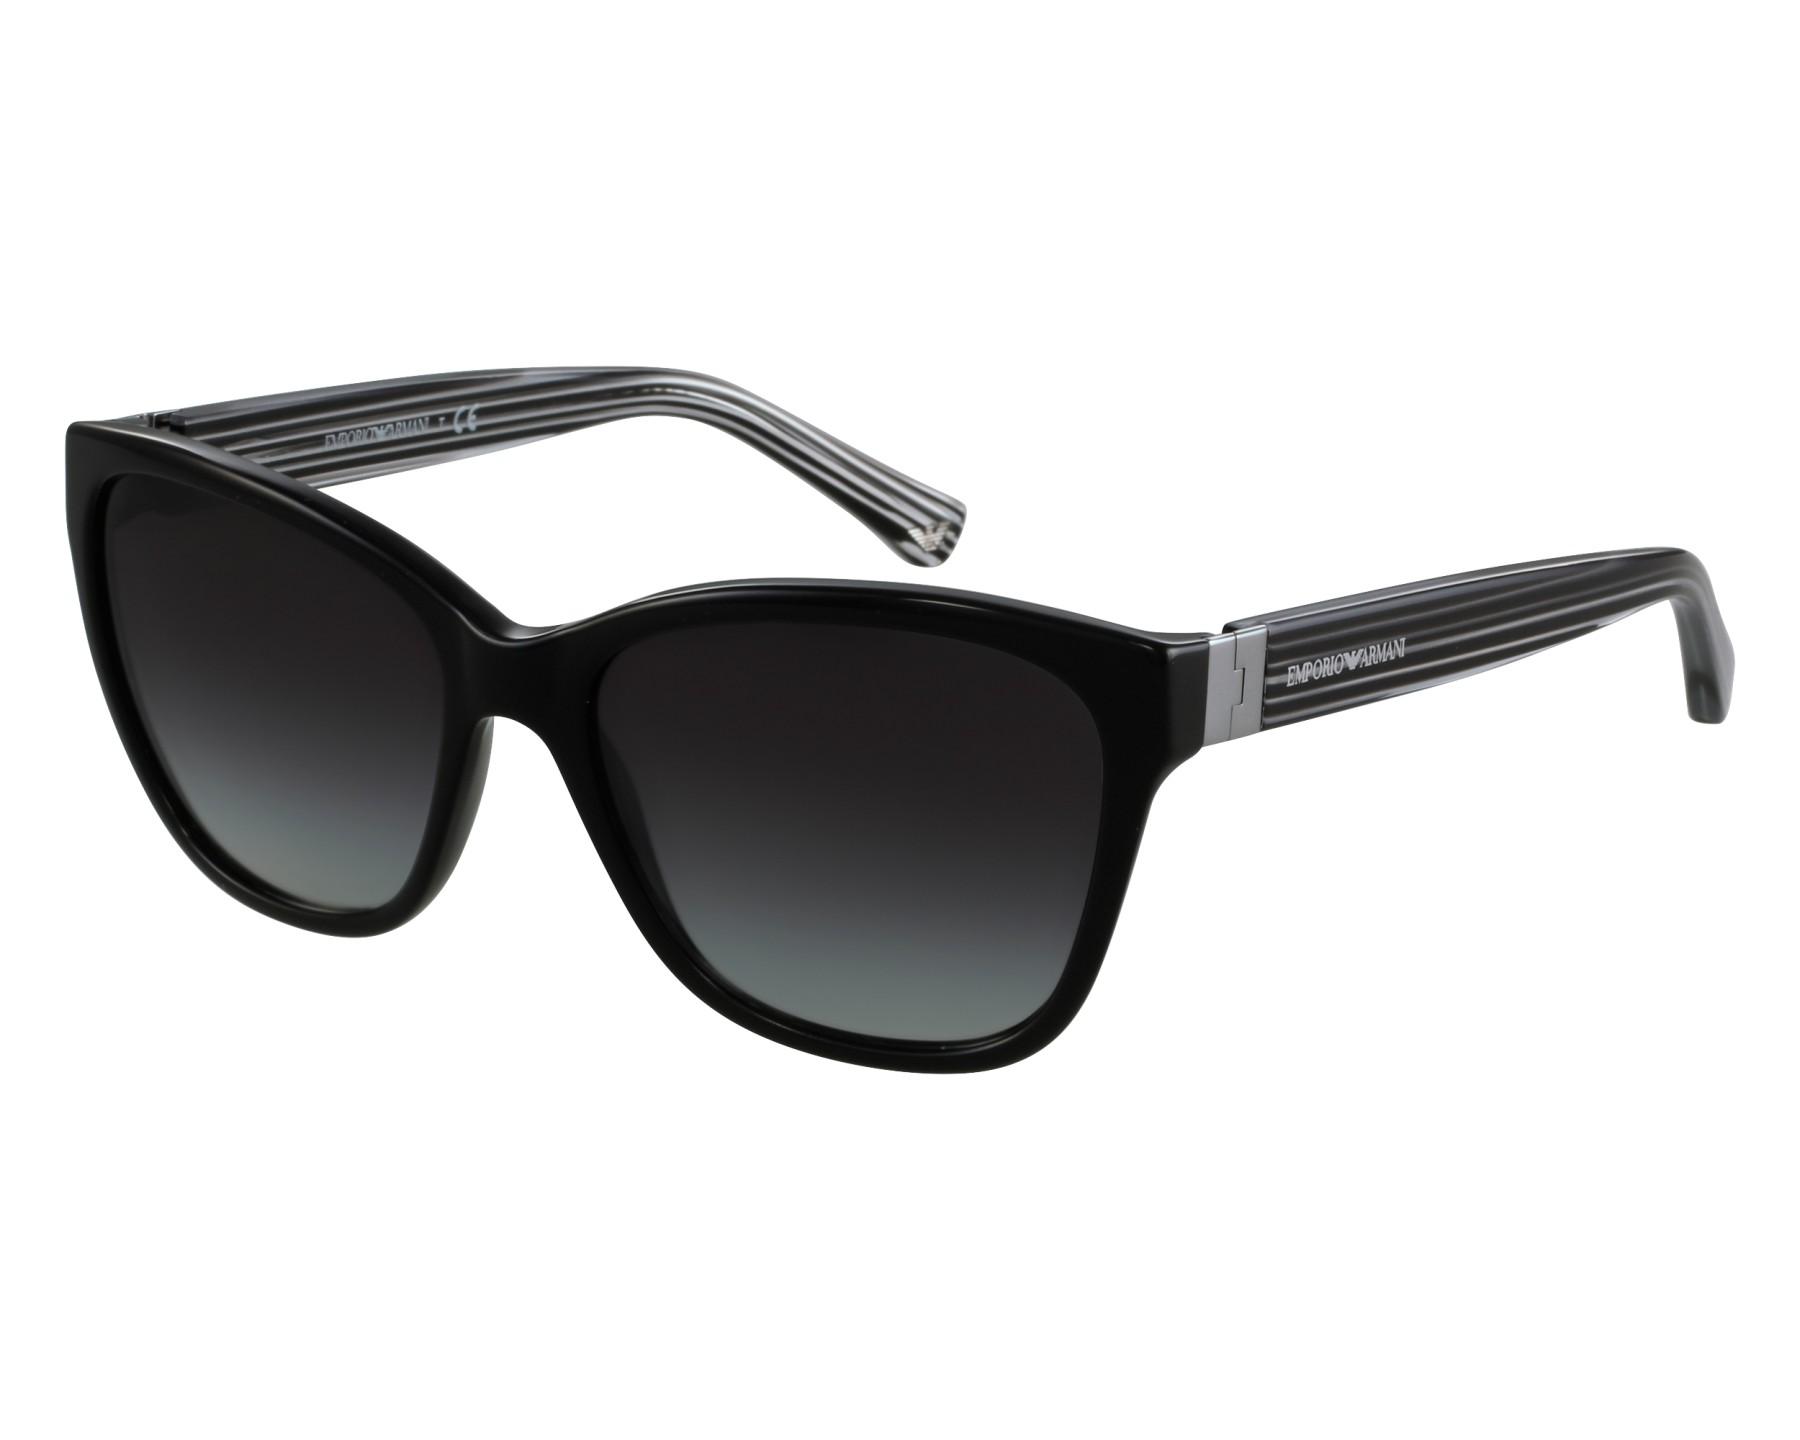 Lunettes de soleil emporio armani ea 4068 5017 8g noir avec des verres gris - Verre lunette raye assurance ...